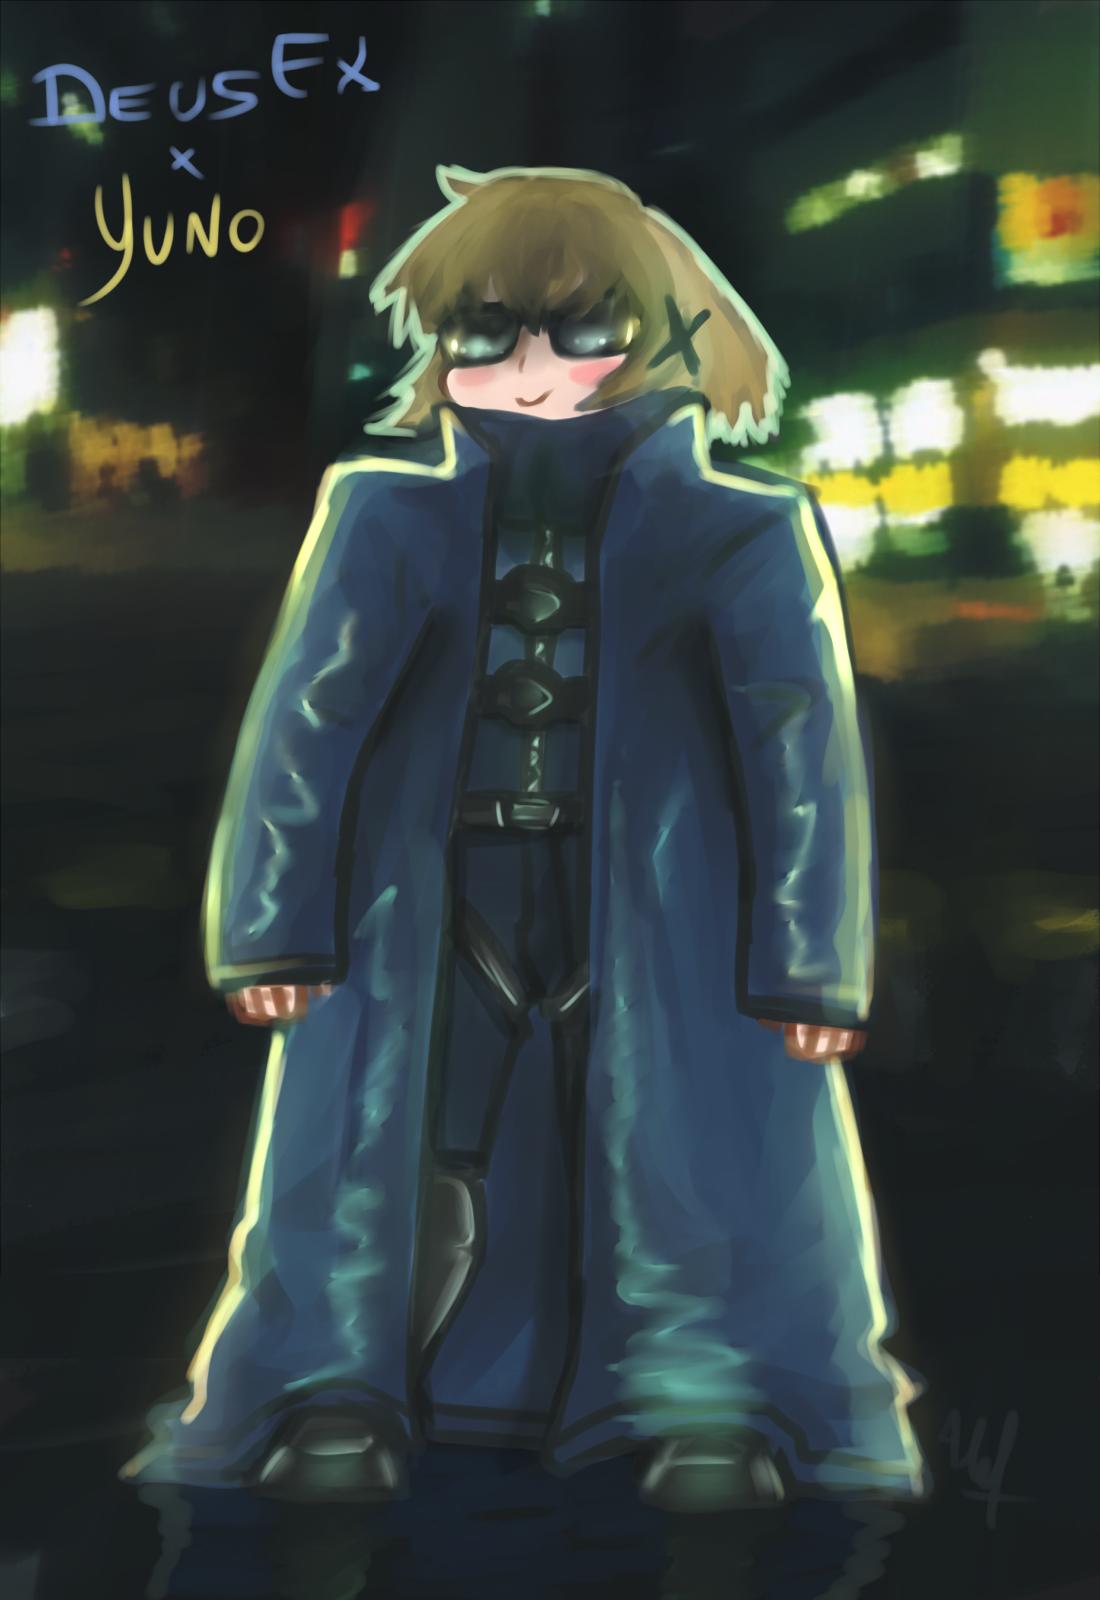 Yuno deusEX